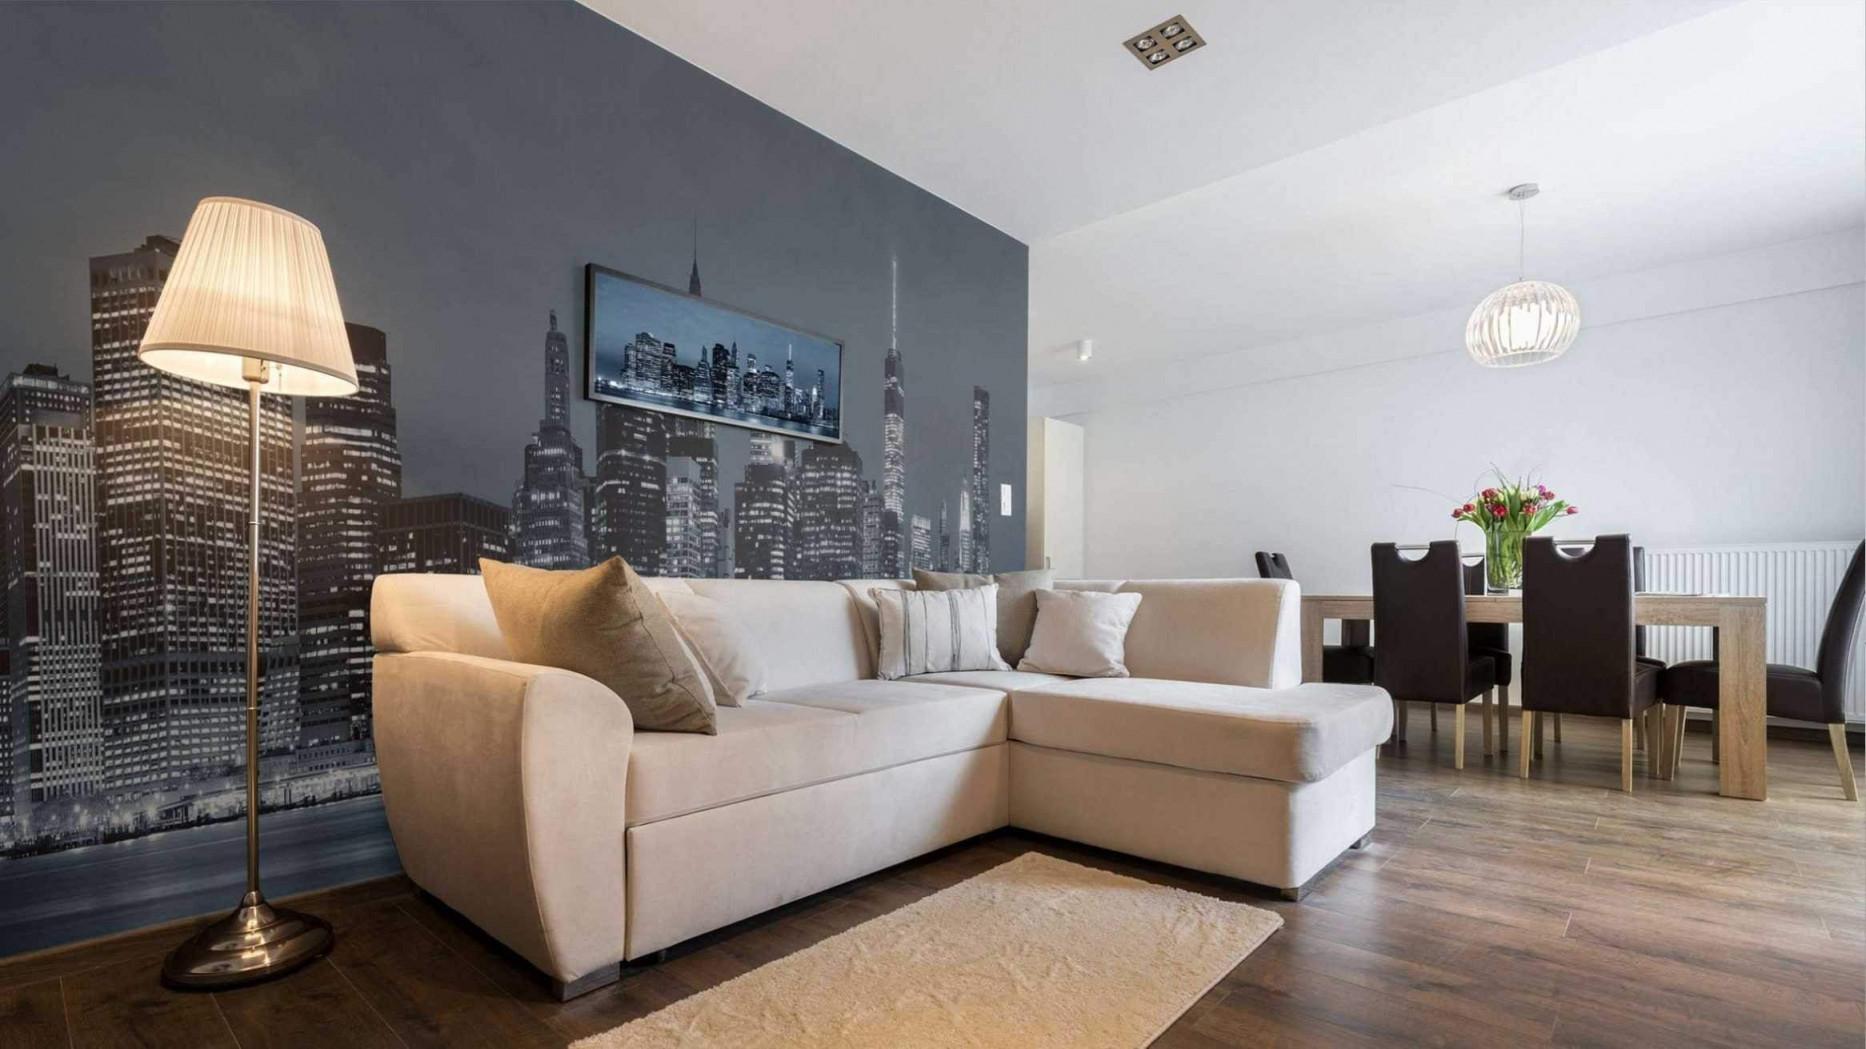 34 Einzigartig Wandfarben Ideen Wohnzimmer Schön von Wohnzimmer Ideen Wandfarbe Bild